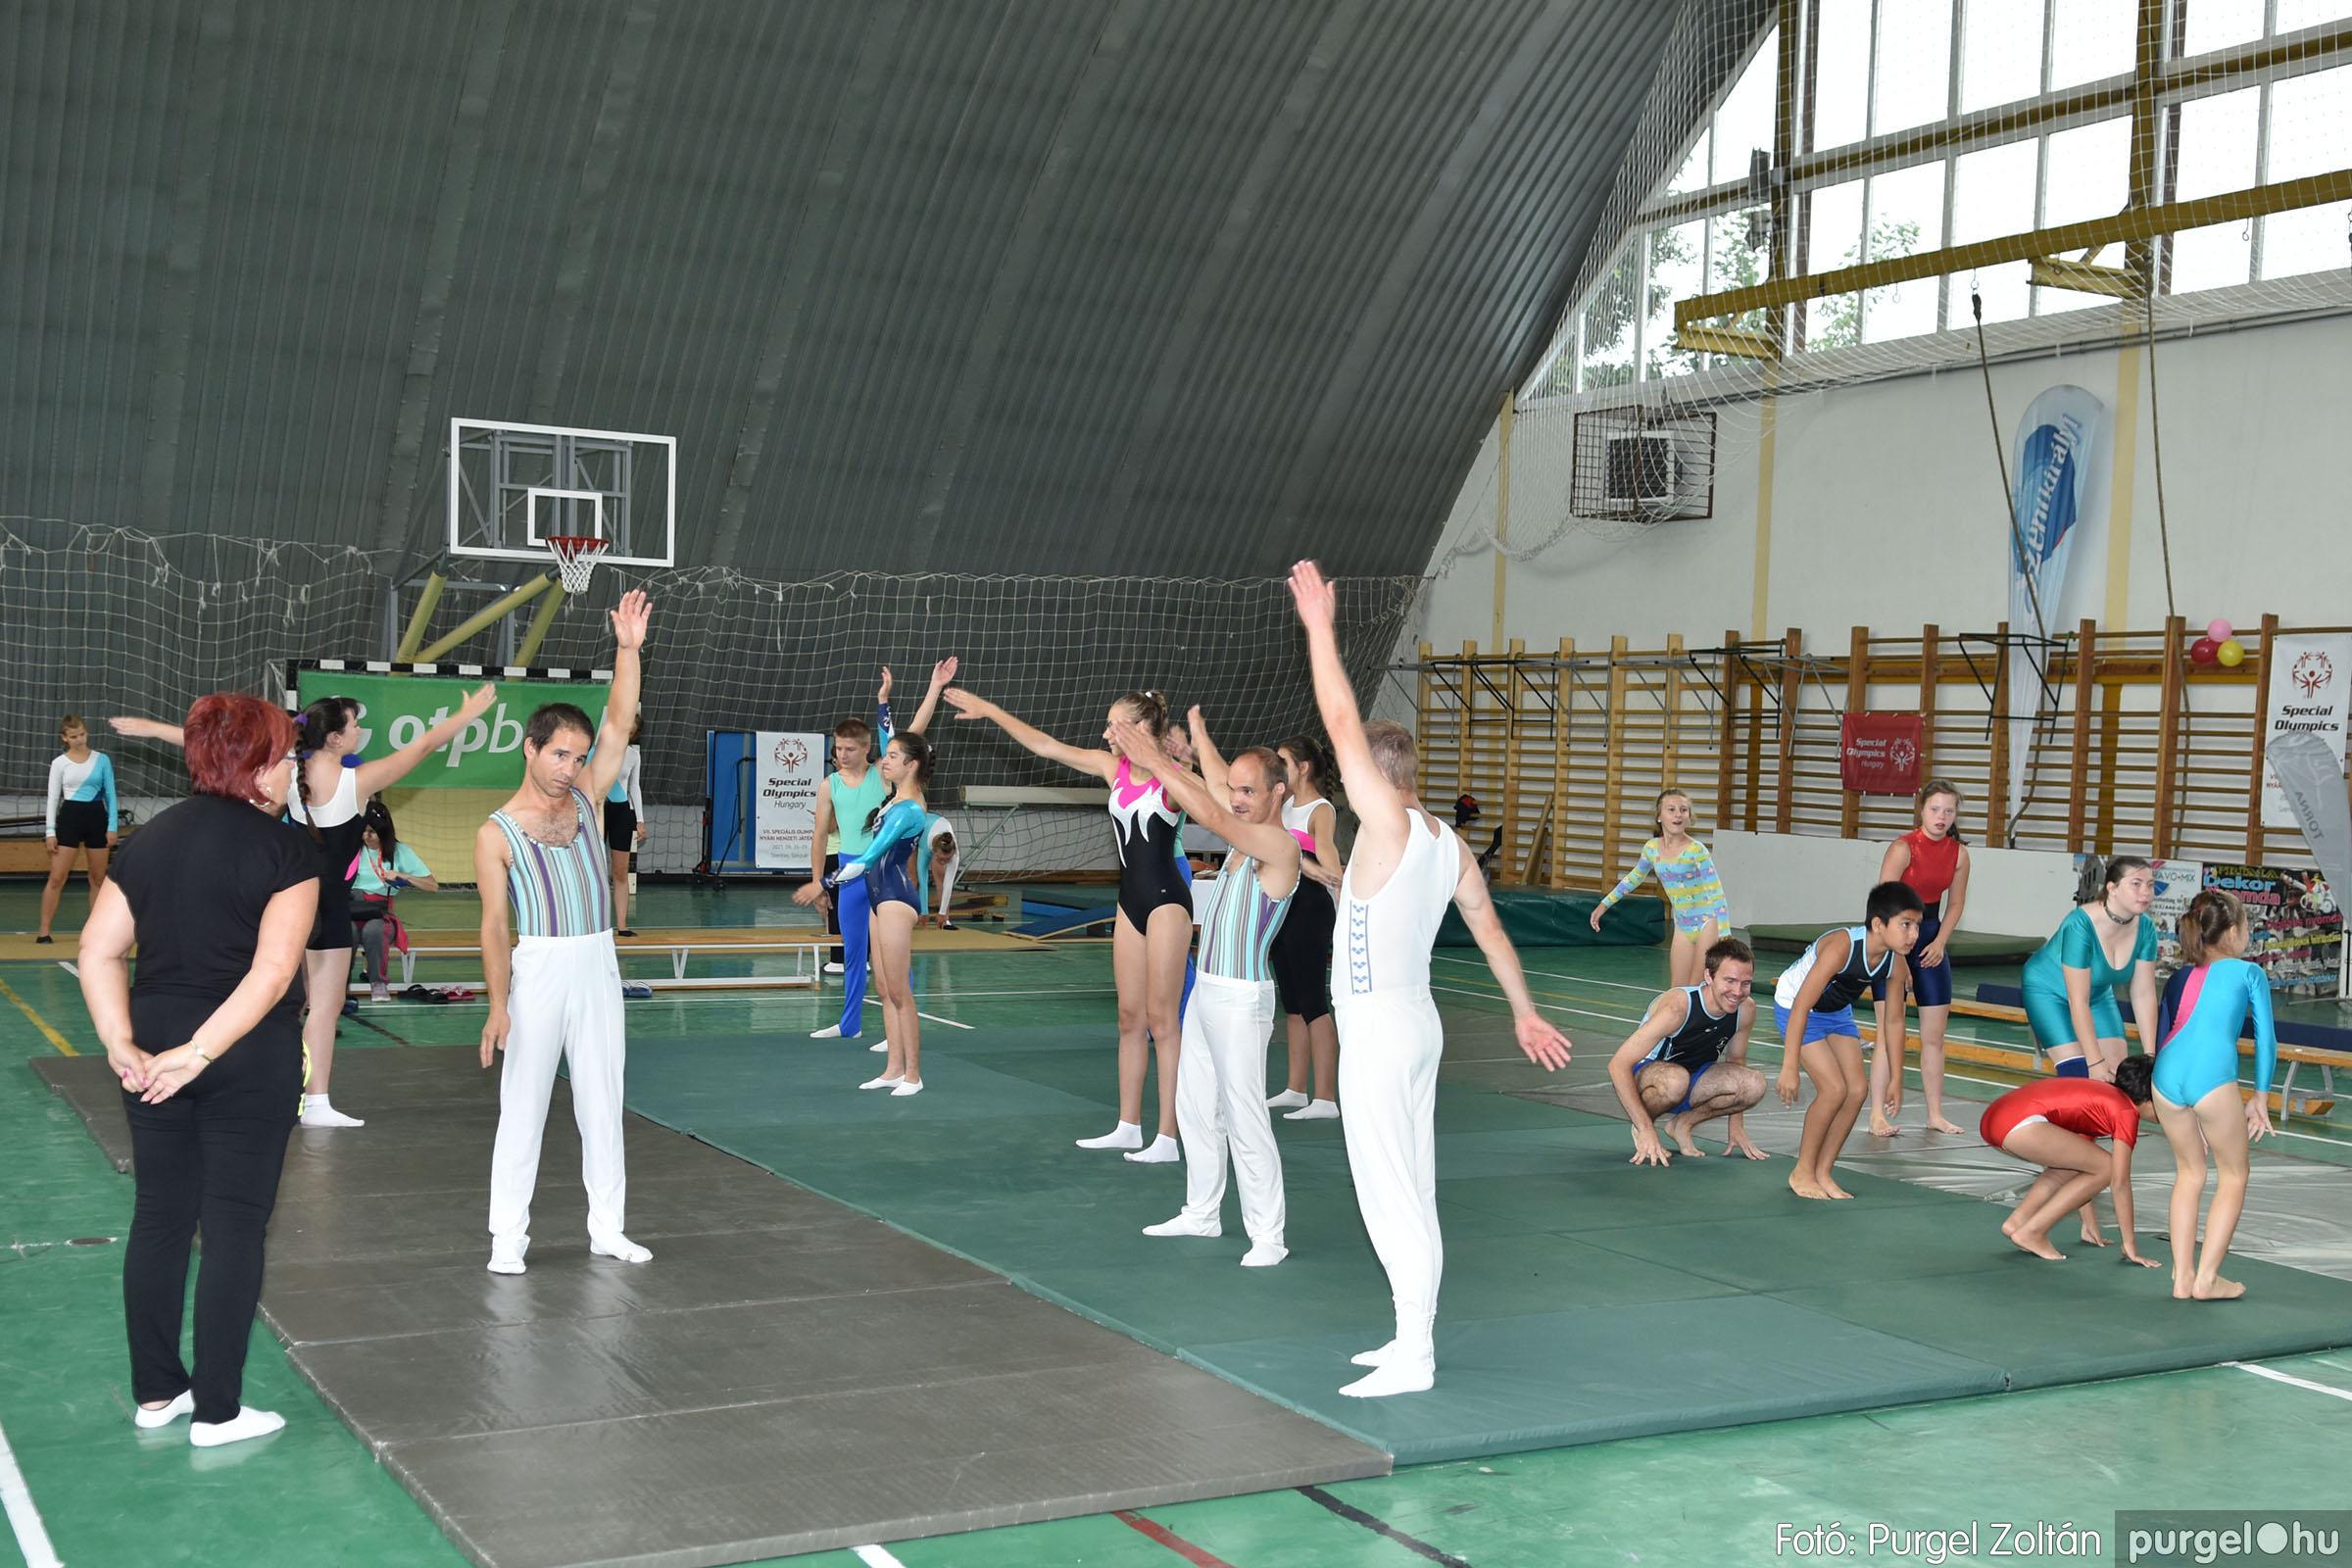 2021.08.27. 015 VII. Speciális Olimpia Nyári Nemzeti Játékok szegvári megnyitója.jpg